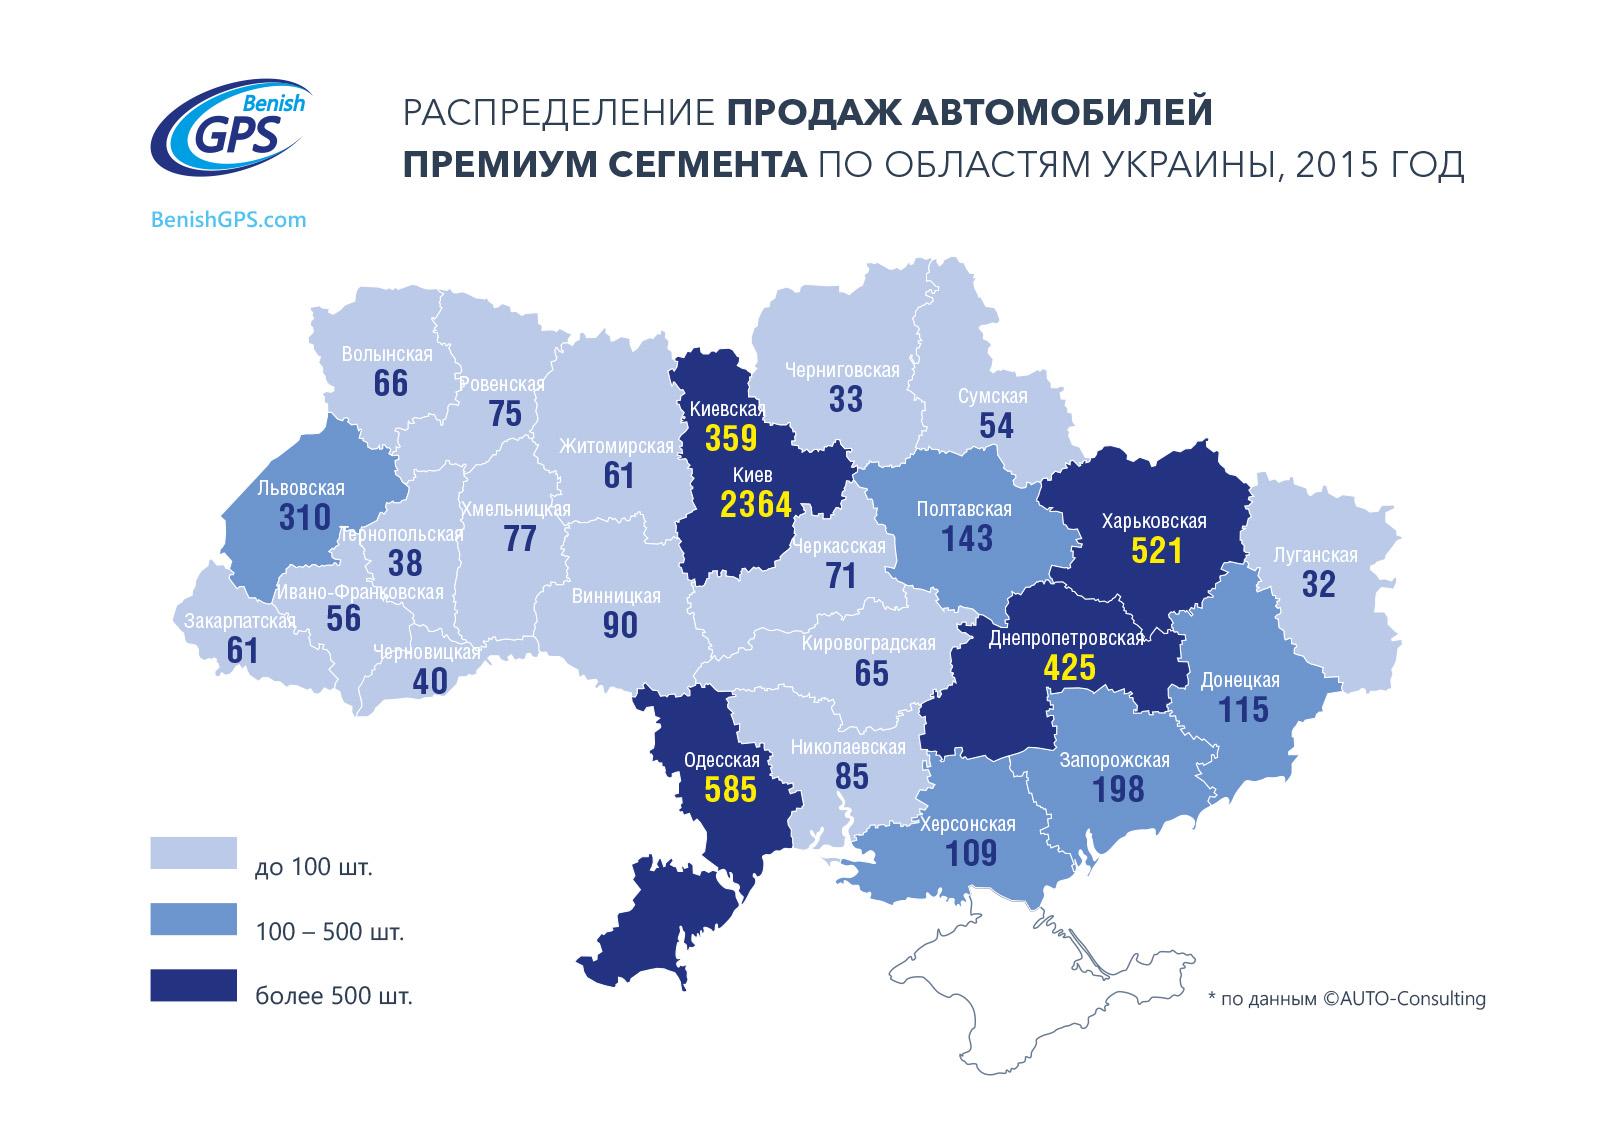 Устойчивые позиции премиум-сегмента на авторынке Украины